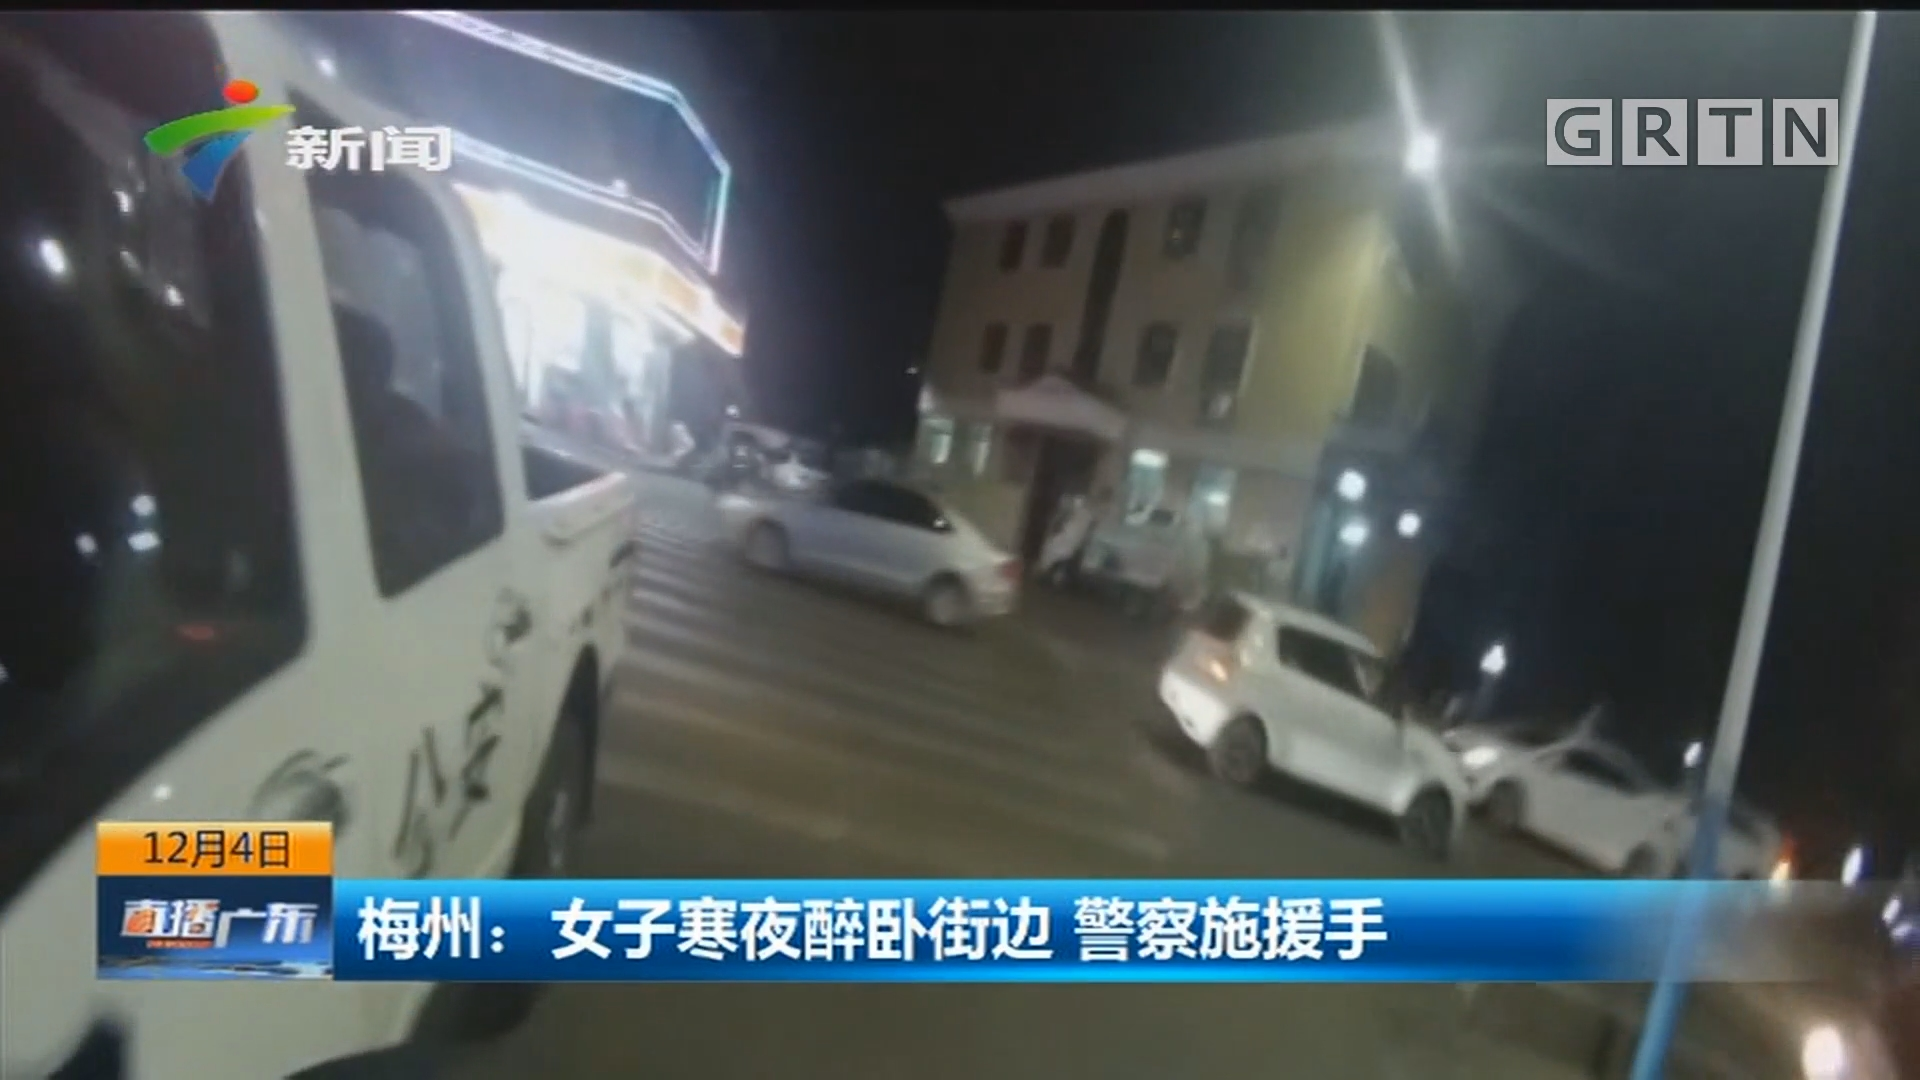 梅州:女子寒夜醉卧街边 警察施援手